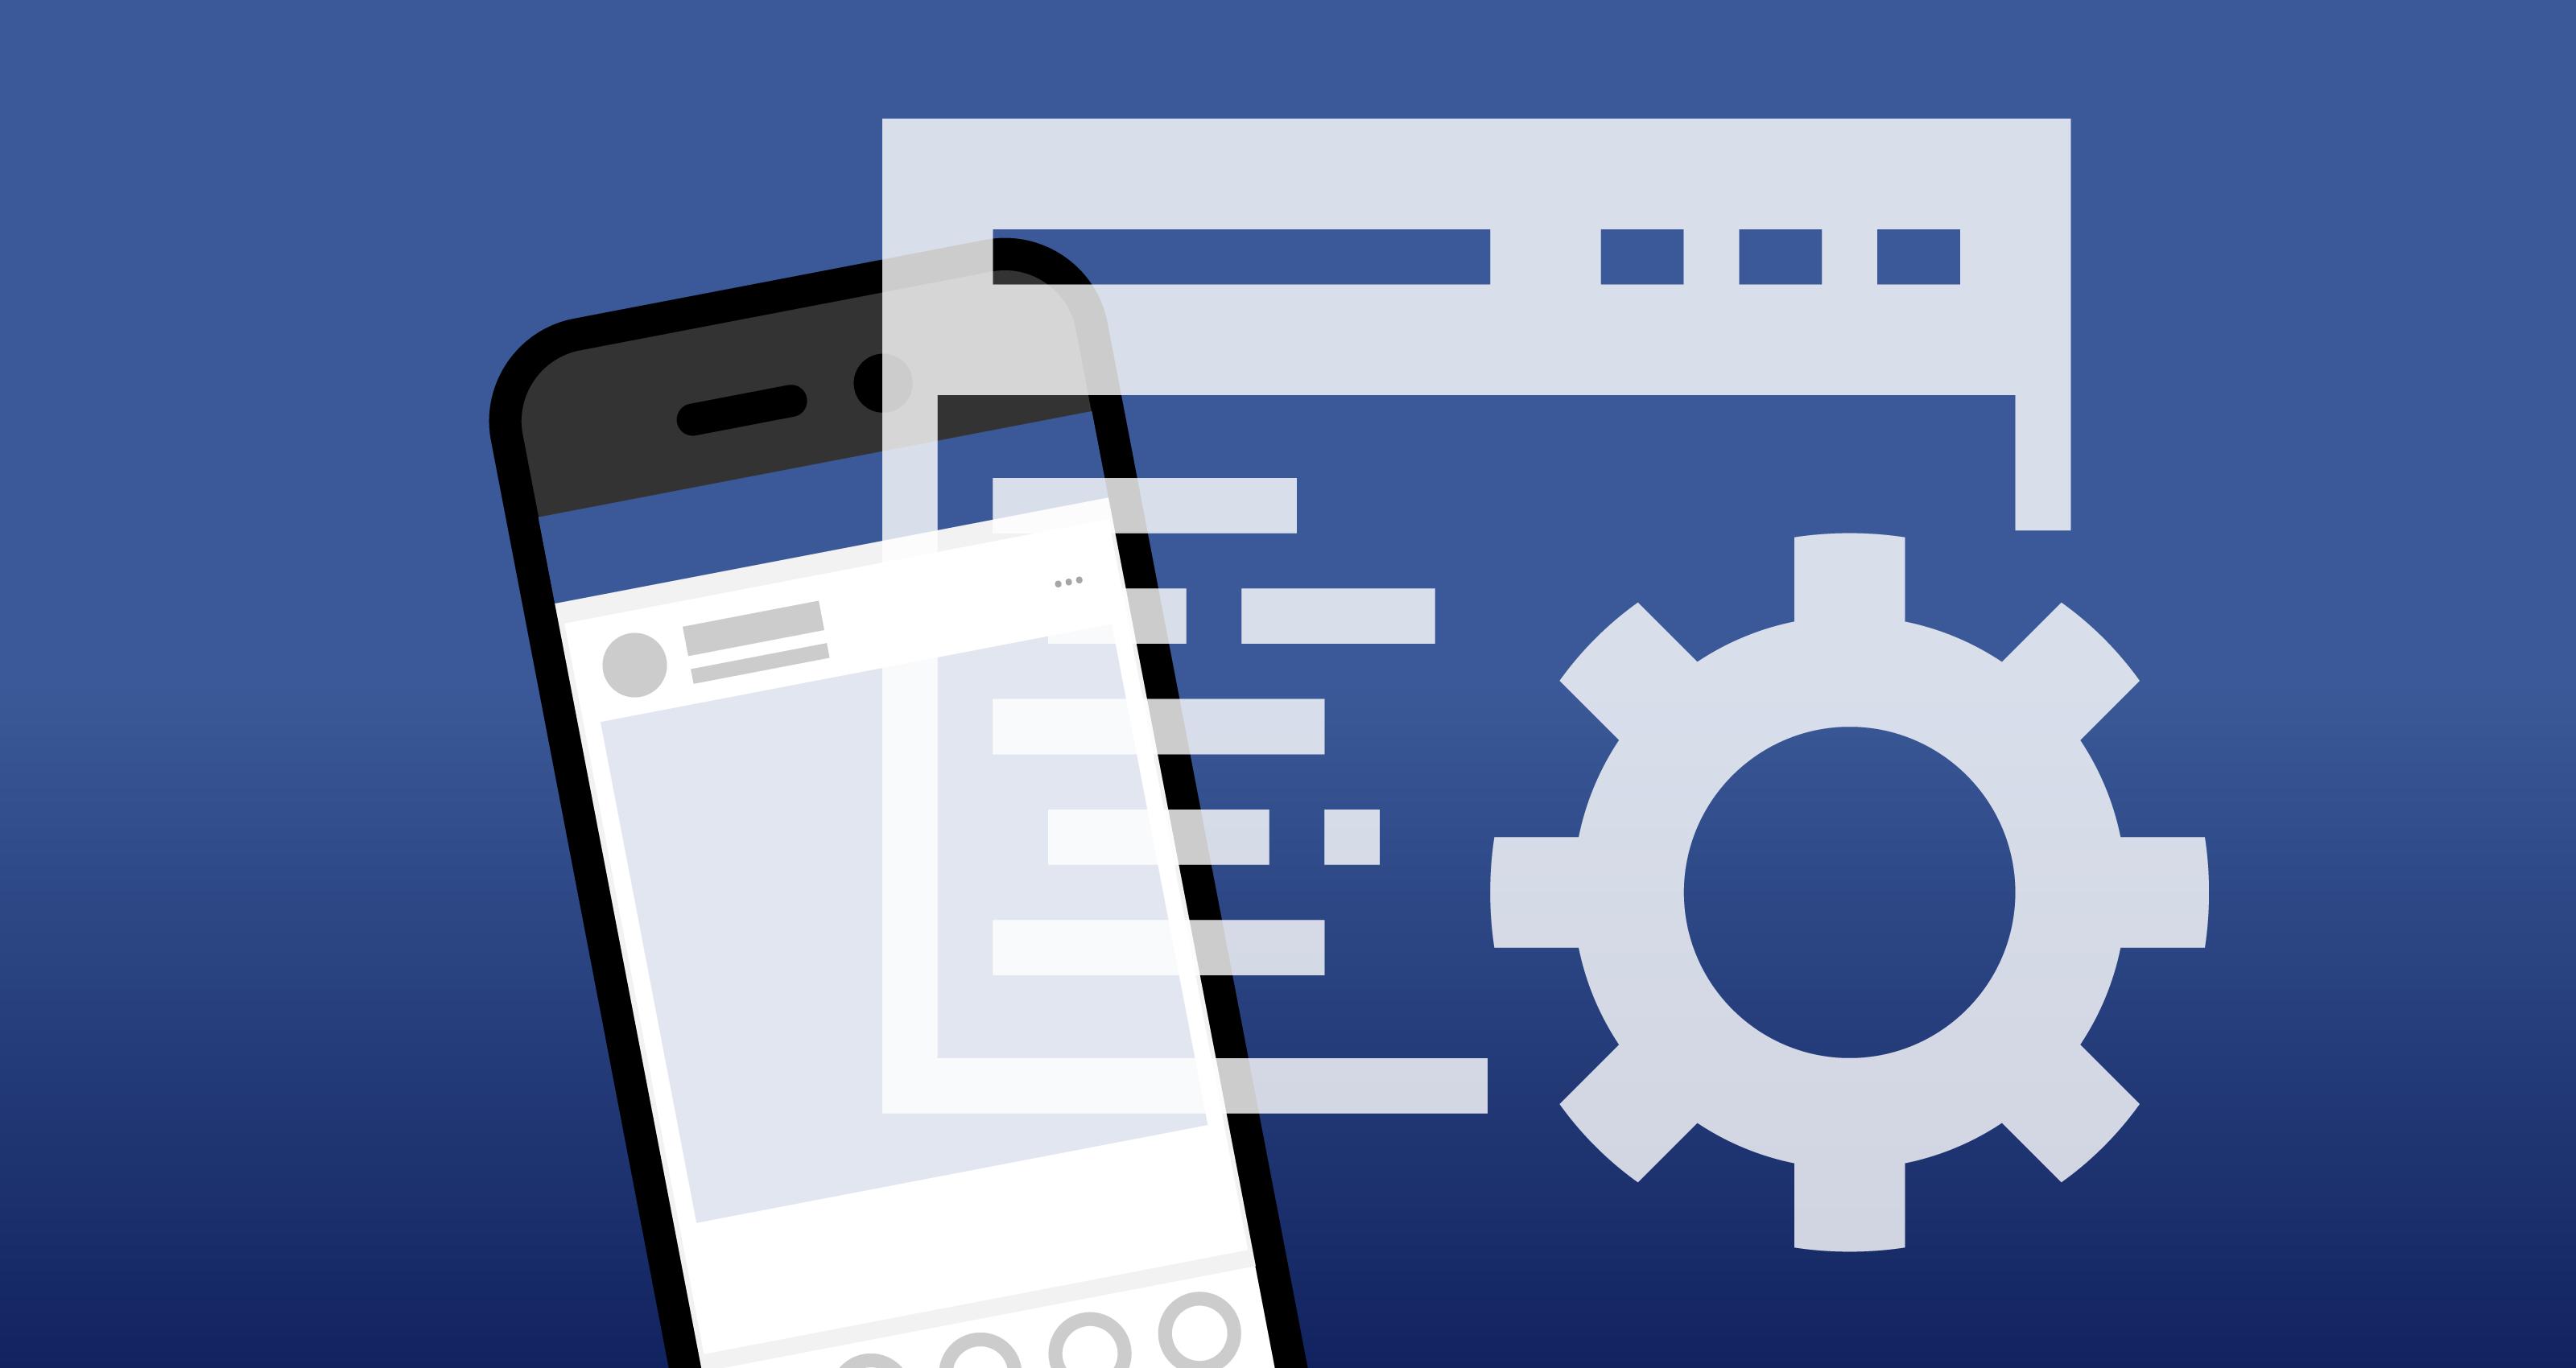 Facebook'un Kaldıracağı Uygulamalar